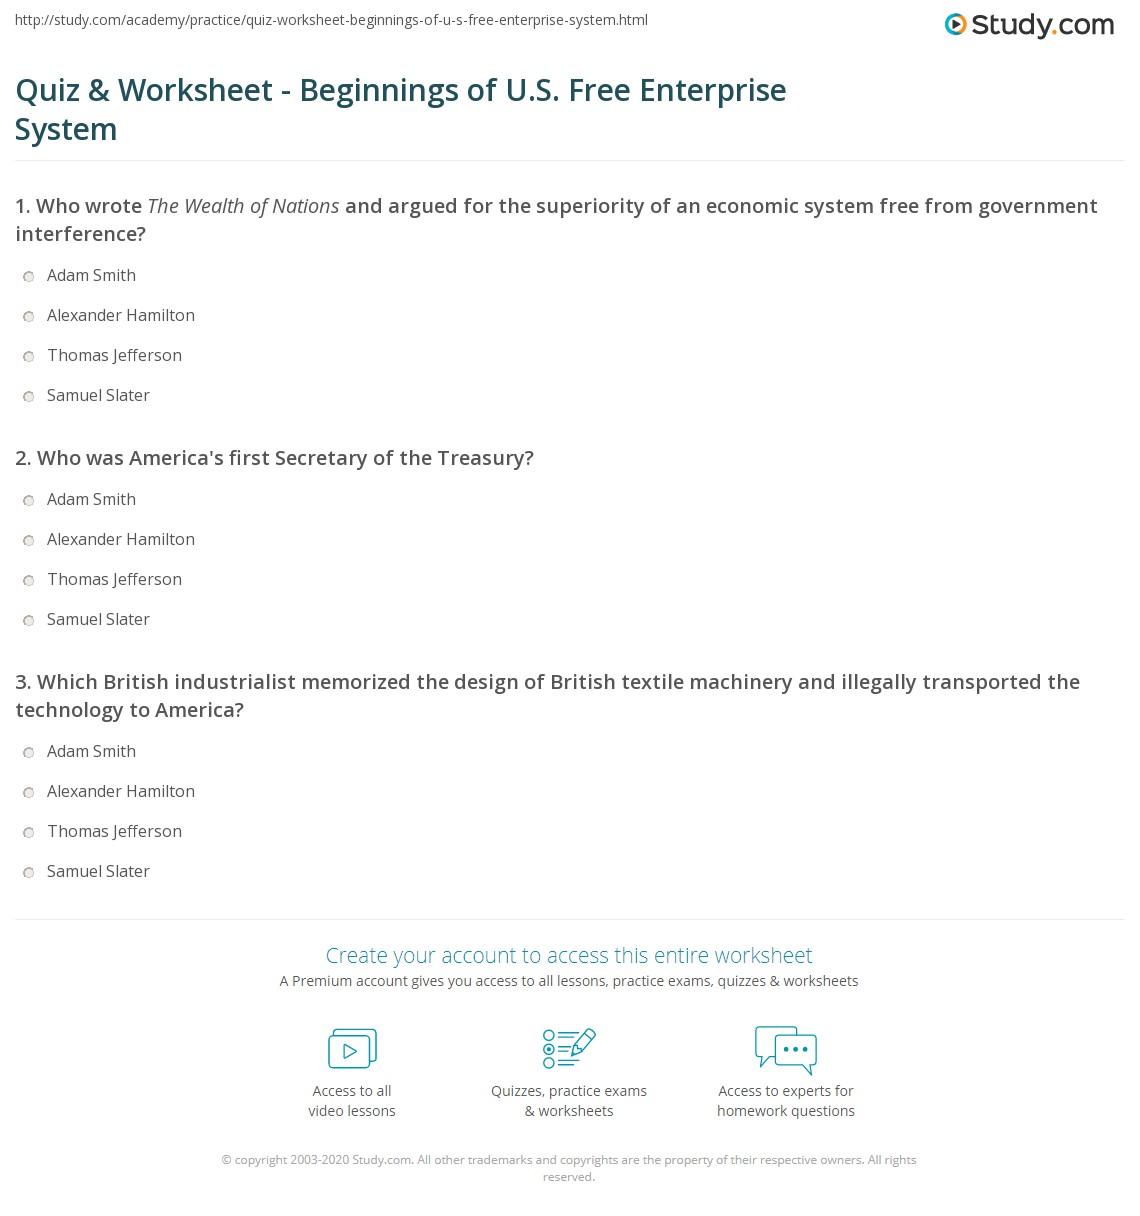 quiz worksheet beginnings of u s free enterprise system. Black Bedroom Furniture Sets. Home Design Ideas